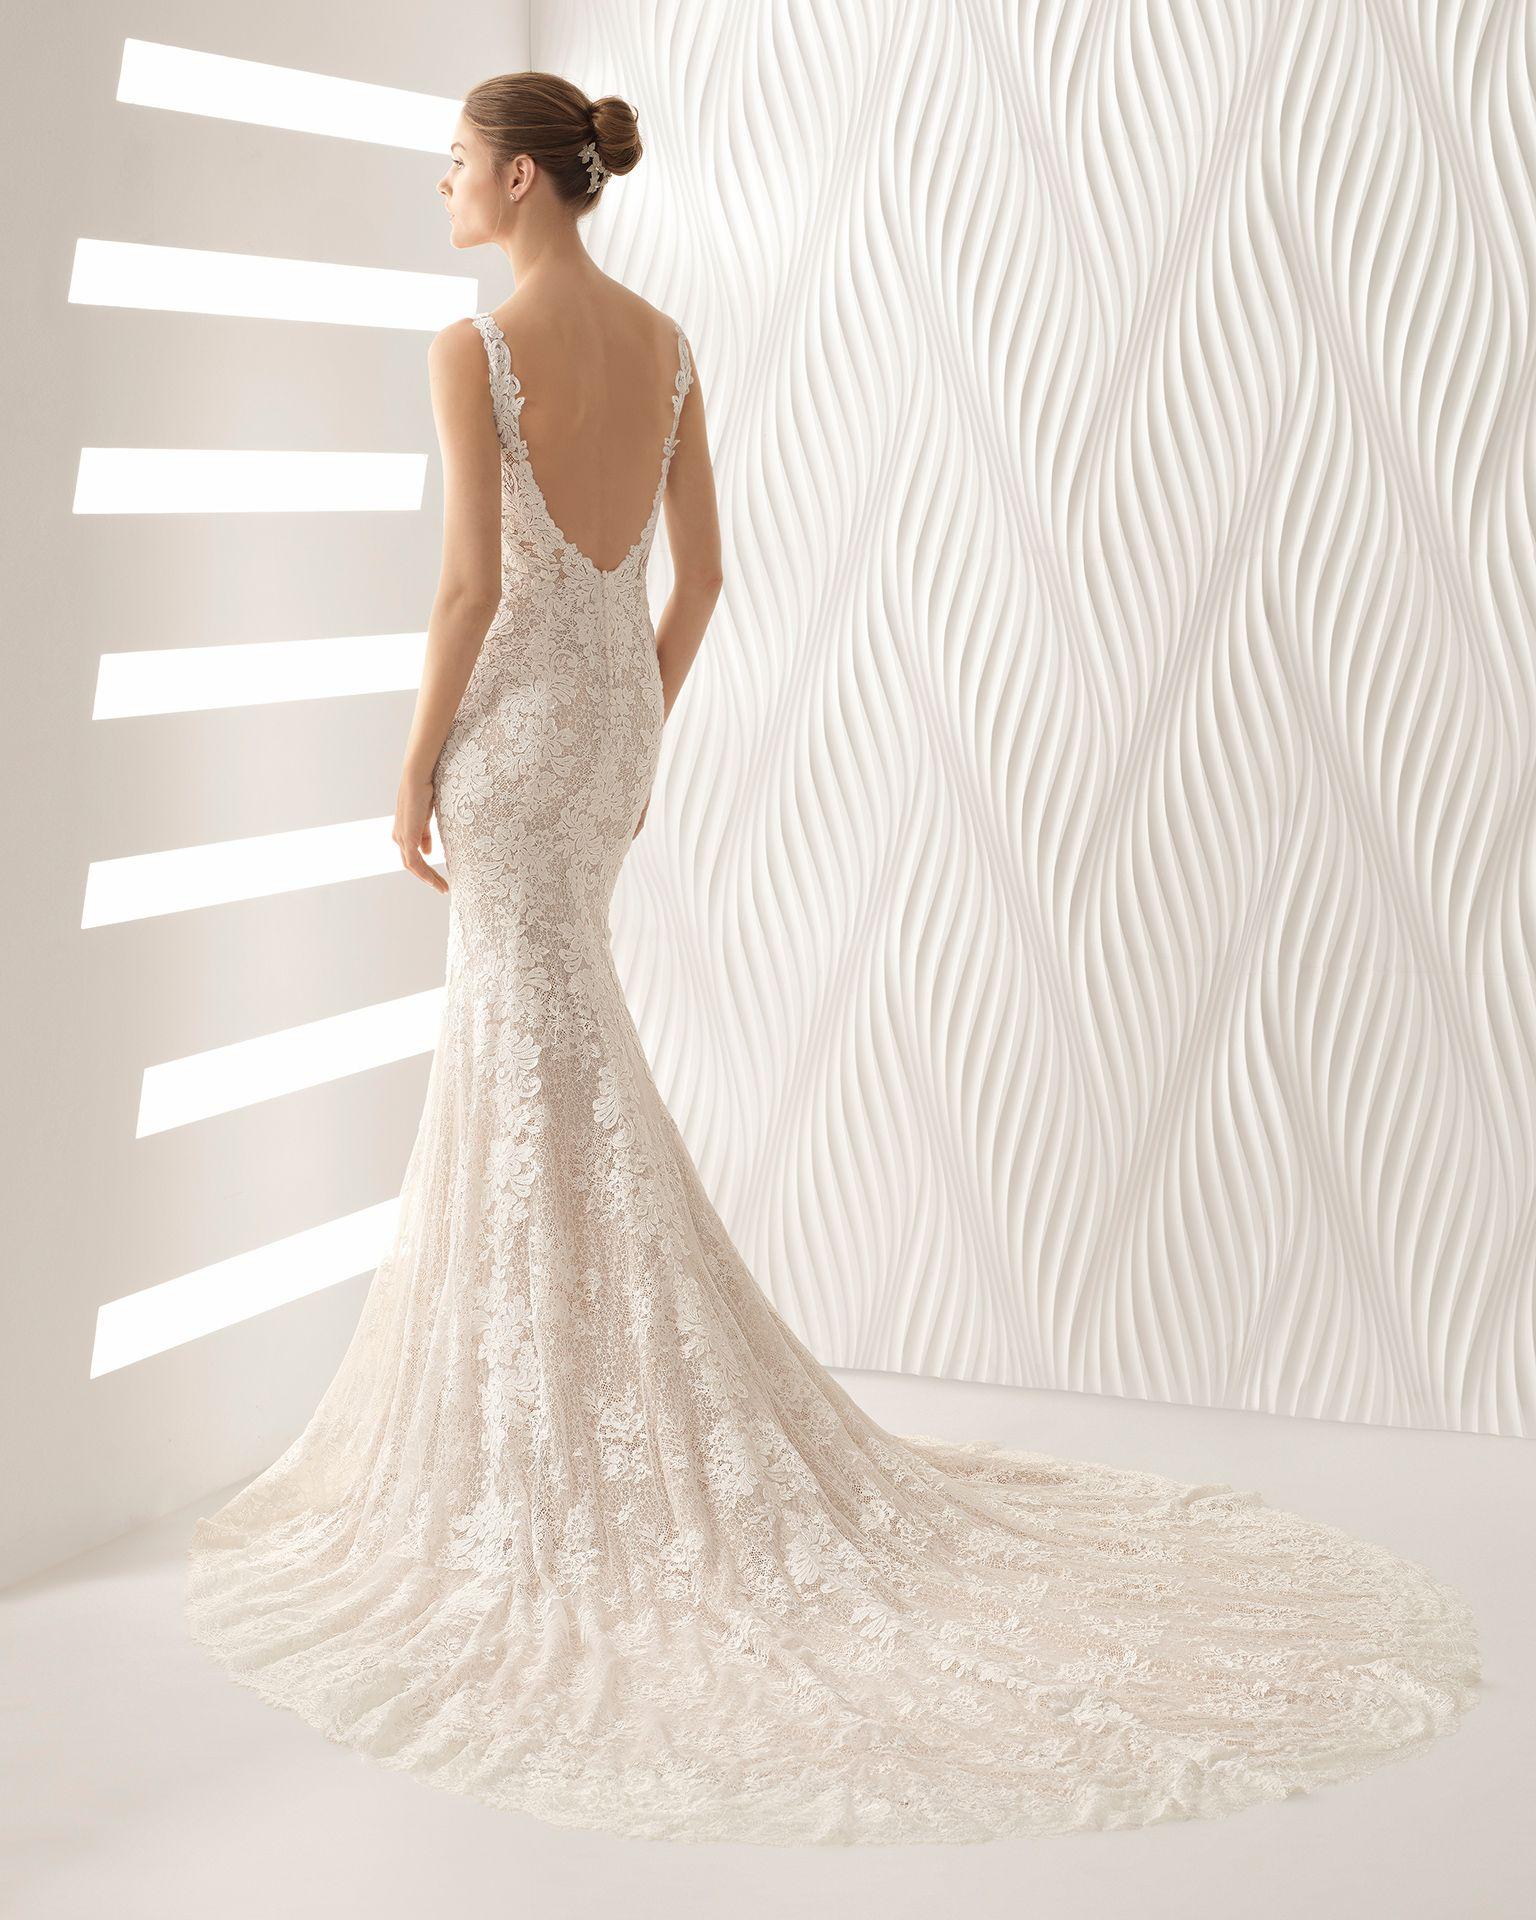 1a3c22927b Vestido de novia corte sirena de encaje con escote V. Colección 2018 Rosa  Clará.